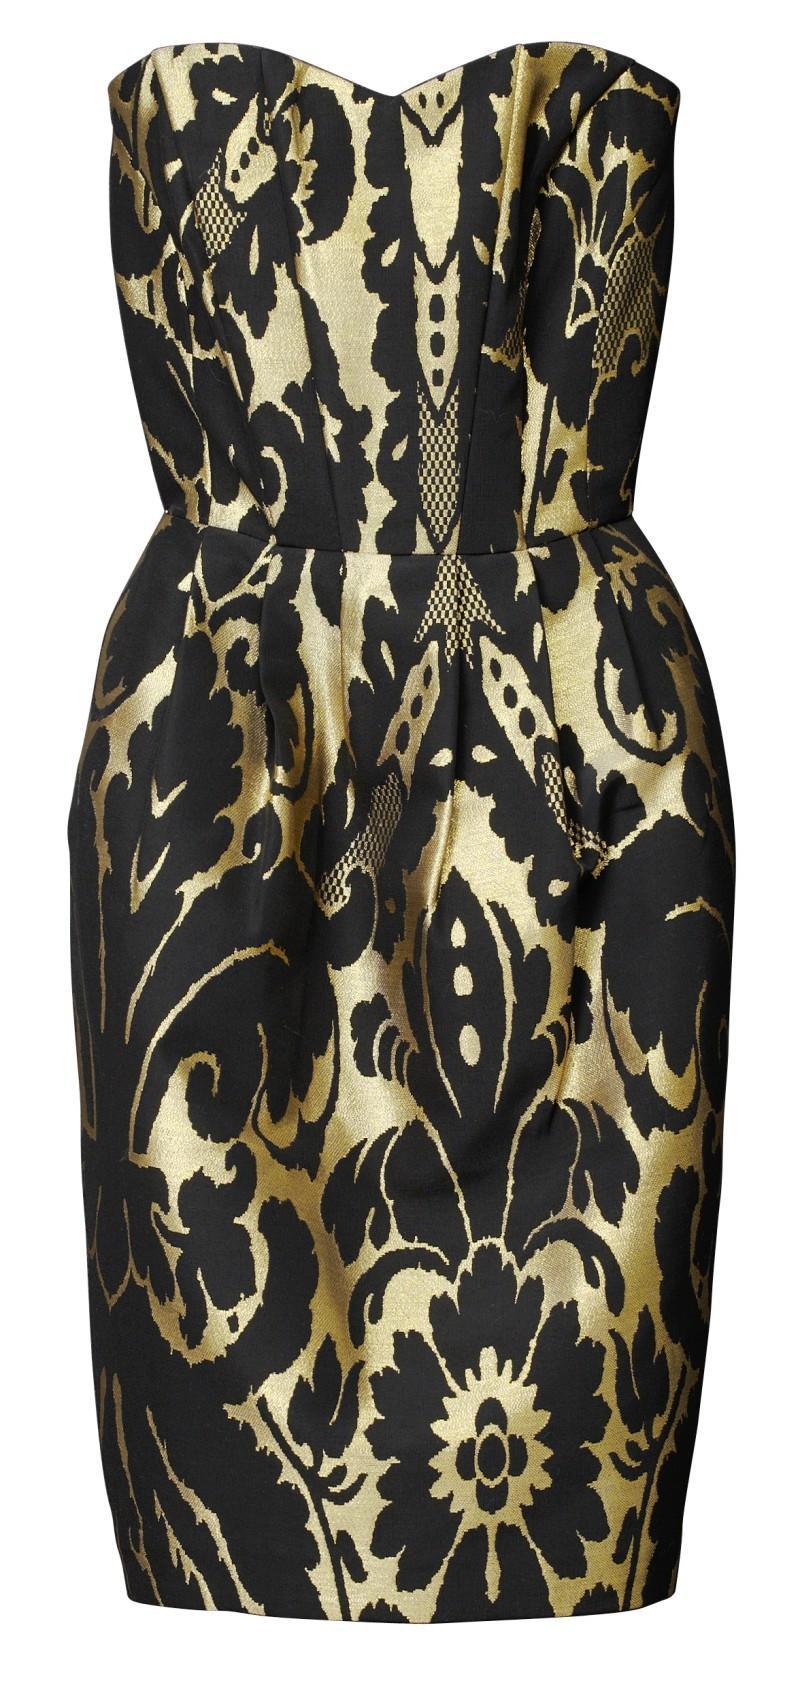 c577a8b026 Sukienki H amp M z kolekcji jesienno-zimowej 2010 2011. sukienka H M w  kwiaty ołówkowa ...